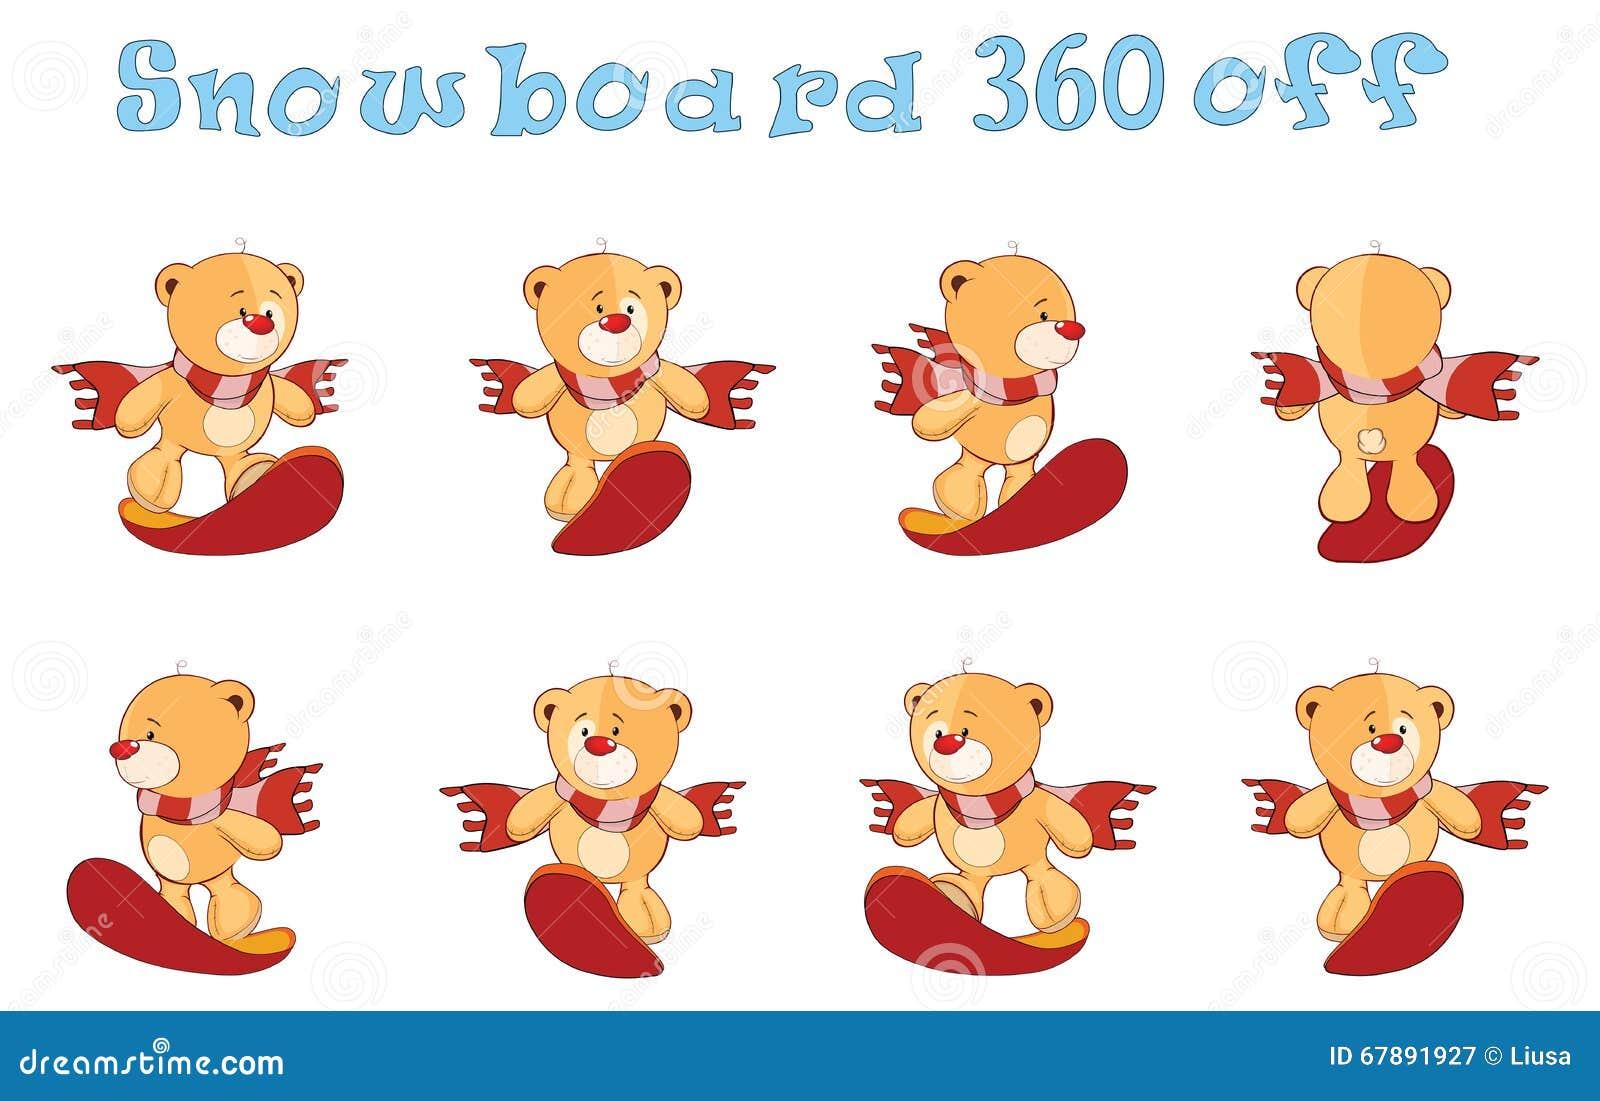 字符逗人喜爱的动画片熊为计算机游戏戏弄